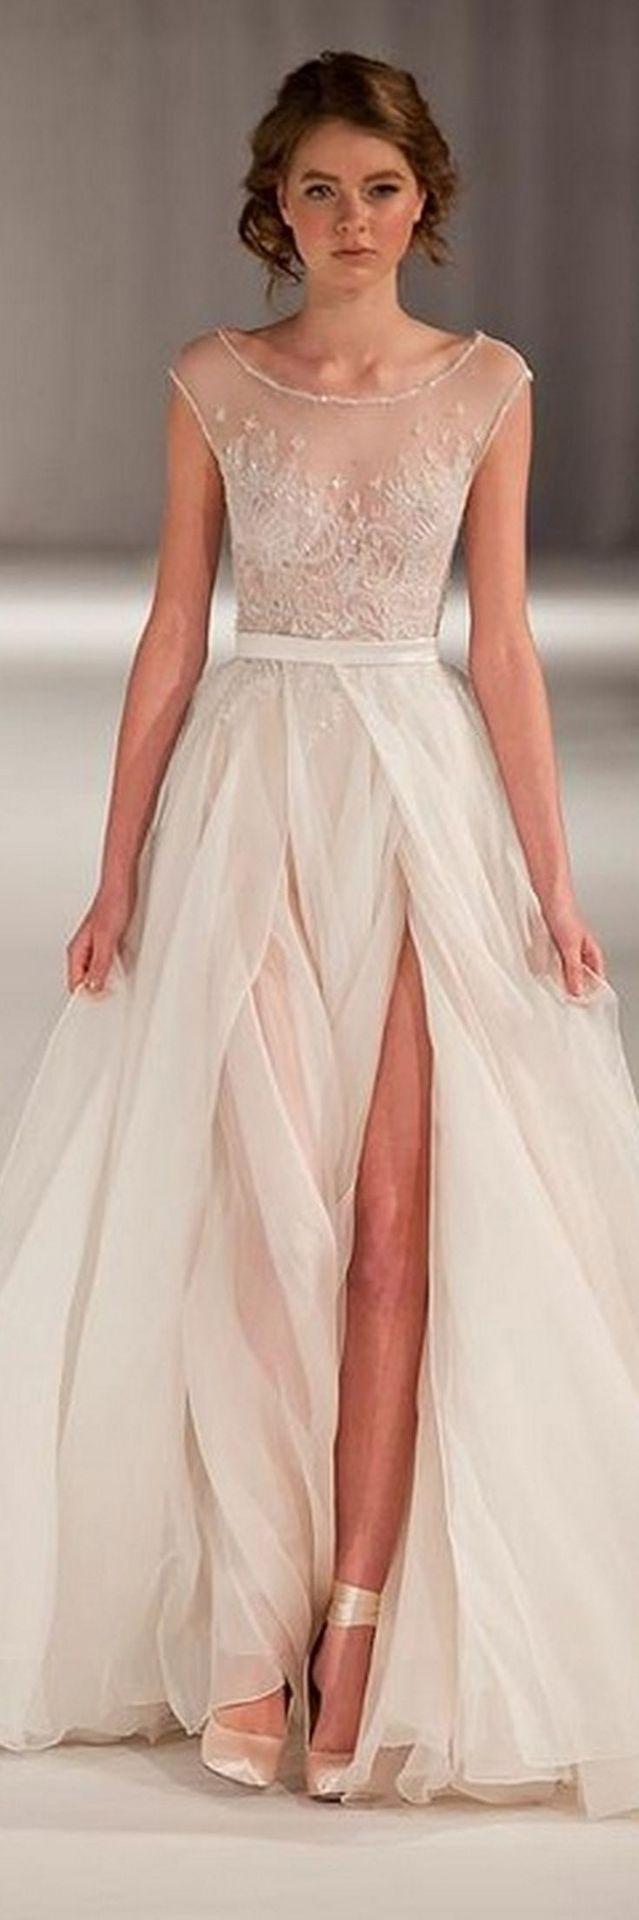 Paolo sebastian outfits pinterest for Paolo sebastian wedding dresses